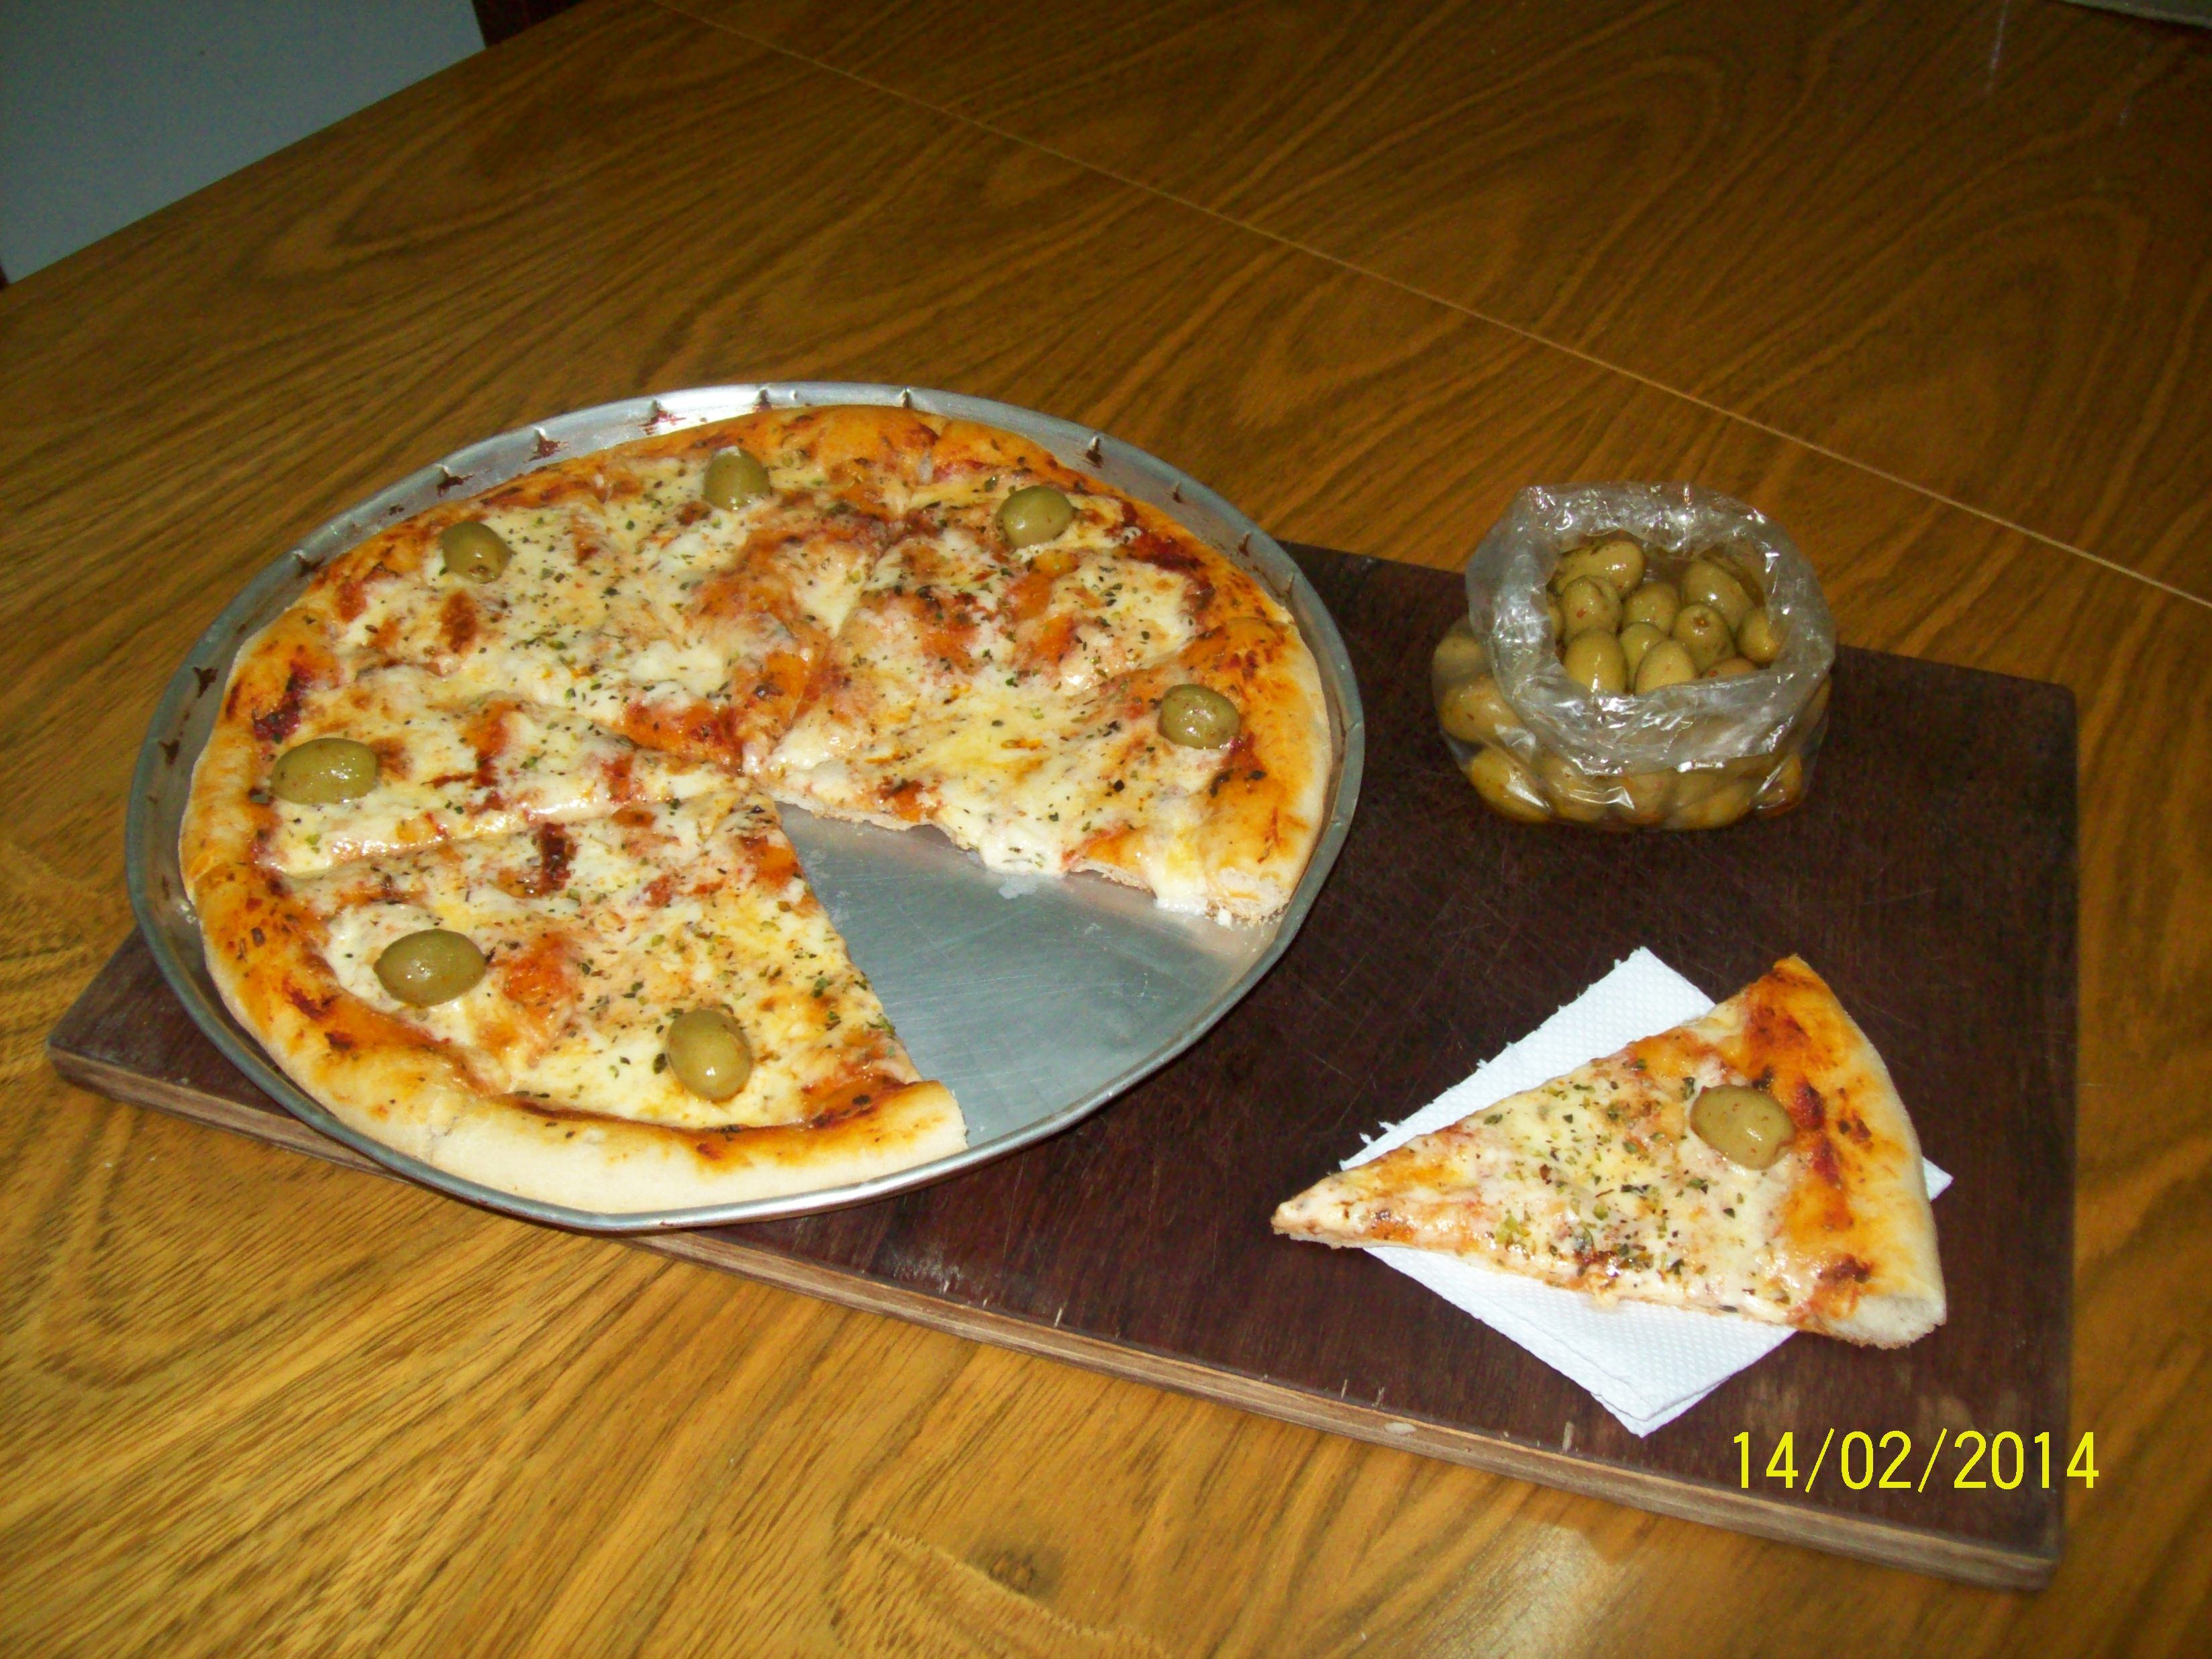 Preparando  pizzas para compartir con amigos,entre buenas charlas. - http://www.femeninas.com/preparando-pizzas-para-compartir-con-amigosentre-buenas-charlas/